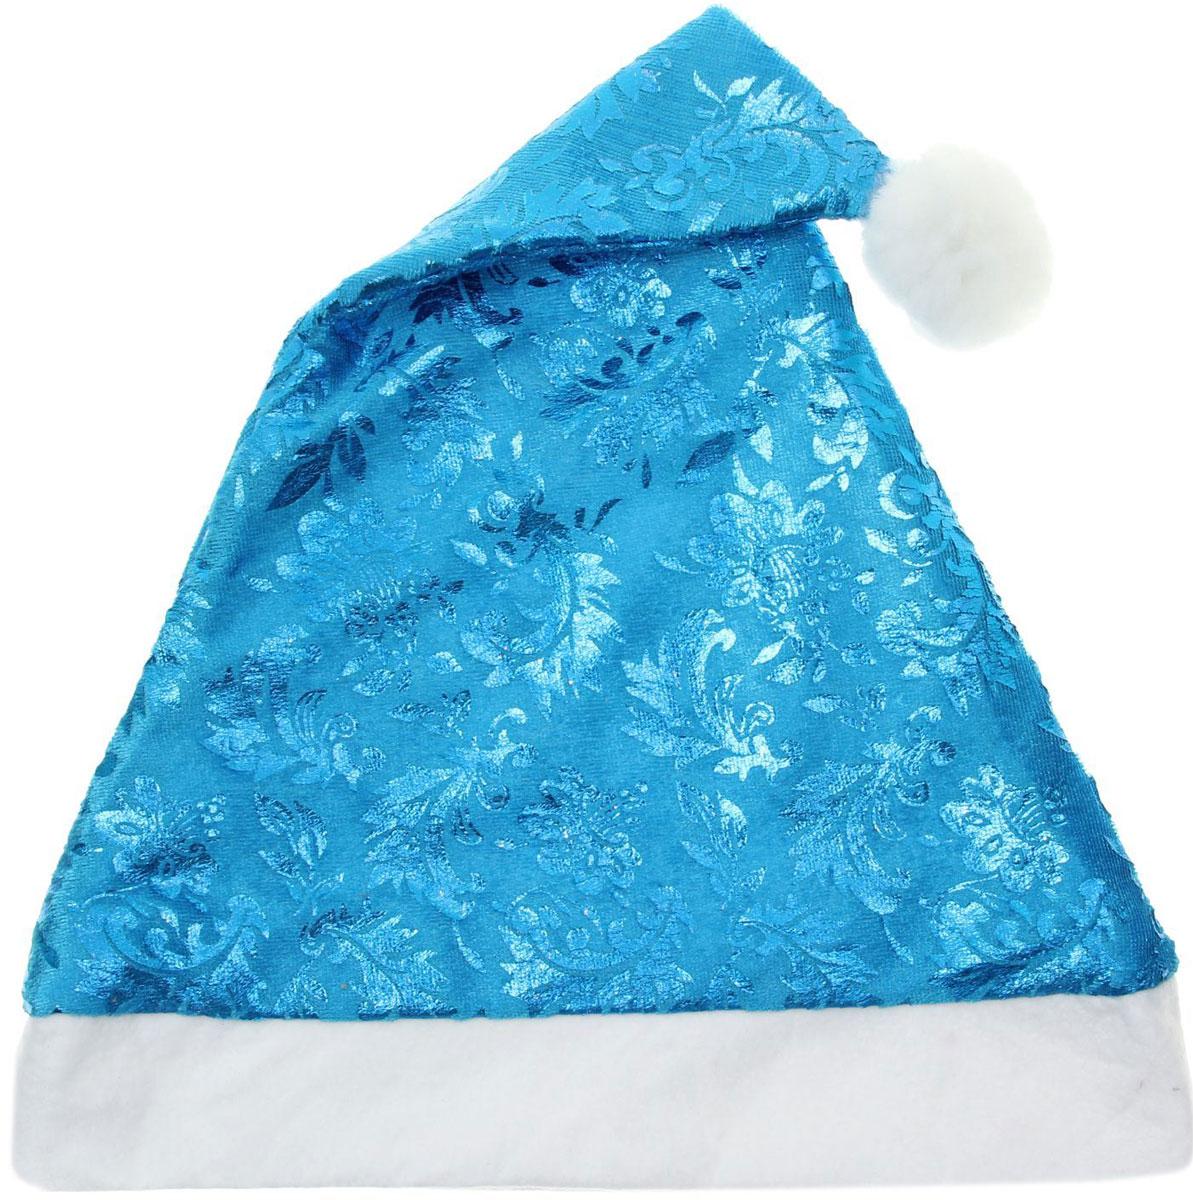 Колпак новогодний Зимние узоры, цвет: синий, 28 х 40 см. 13906431390643Поддайтесь новогоднему веселью на полную катушку! Забавный колпак в секунду создаст праздничное настроение, будь то поздравление ребятишек или вечеринка с друзьями. Размер изделия универсальный: аксессуар подойдет как для ребенка, так и для взрослого. А мягкий текстиль позволит носить колпак с комфортом на протяжении всей новогодней ночи.